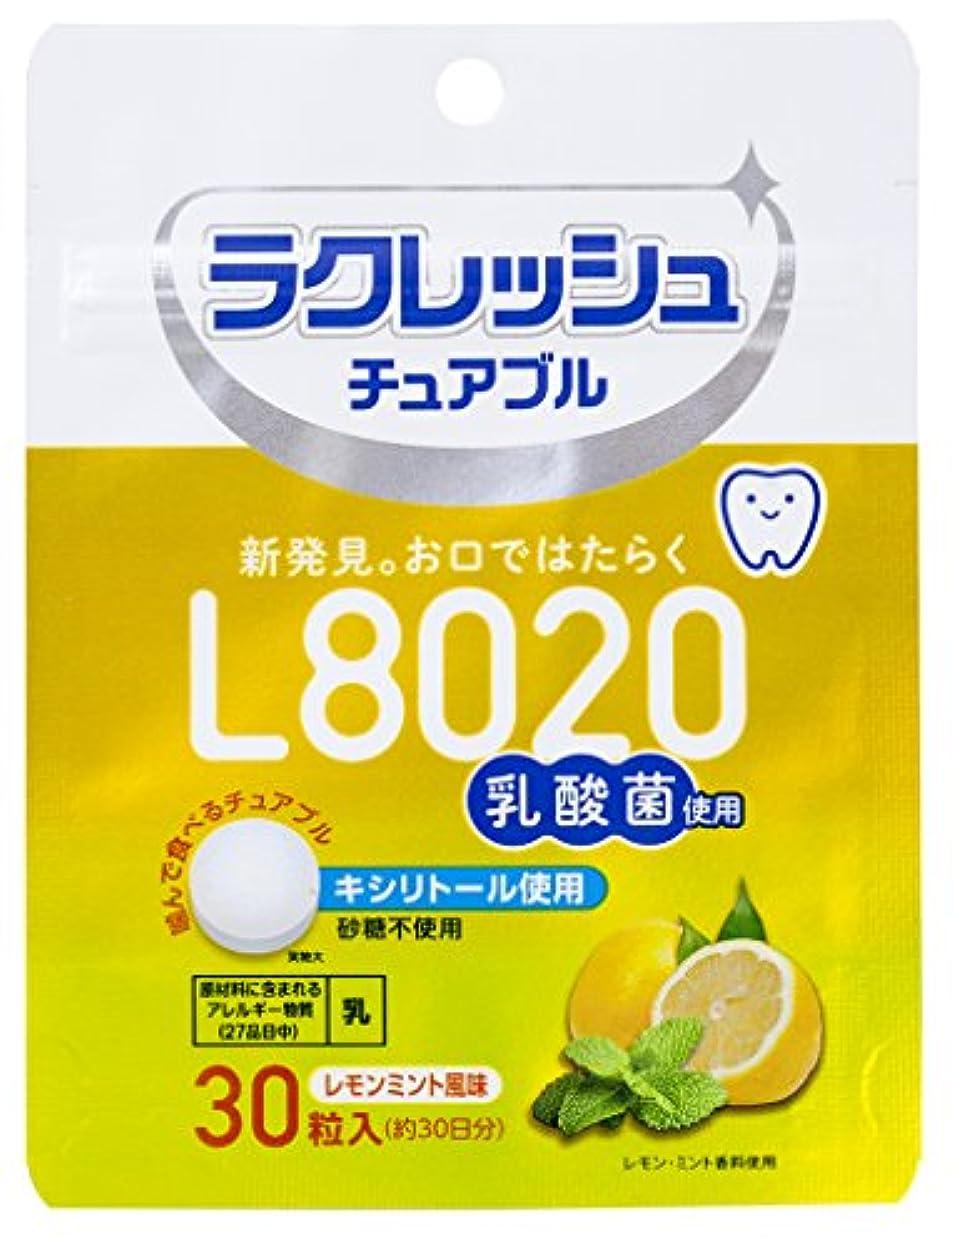 キャンバス爆発卒業ラクレッシュ L8020 乳酸菌 チュアブル レモンミント風味 オーラルケア 30粒入